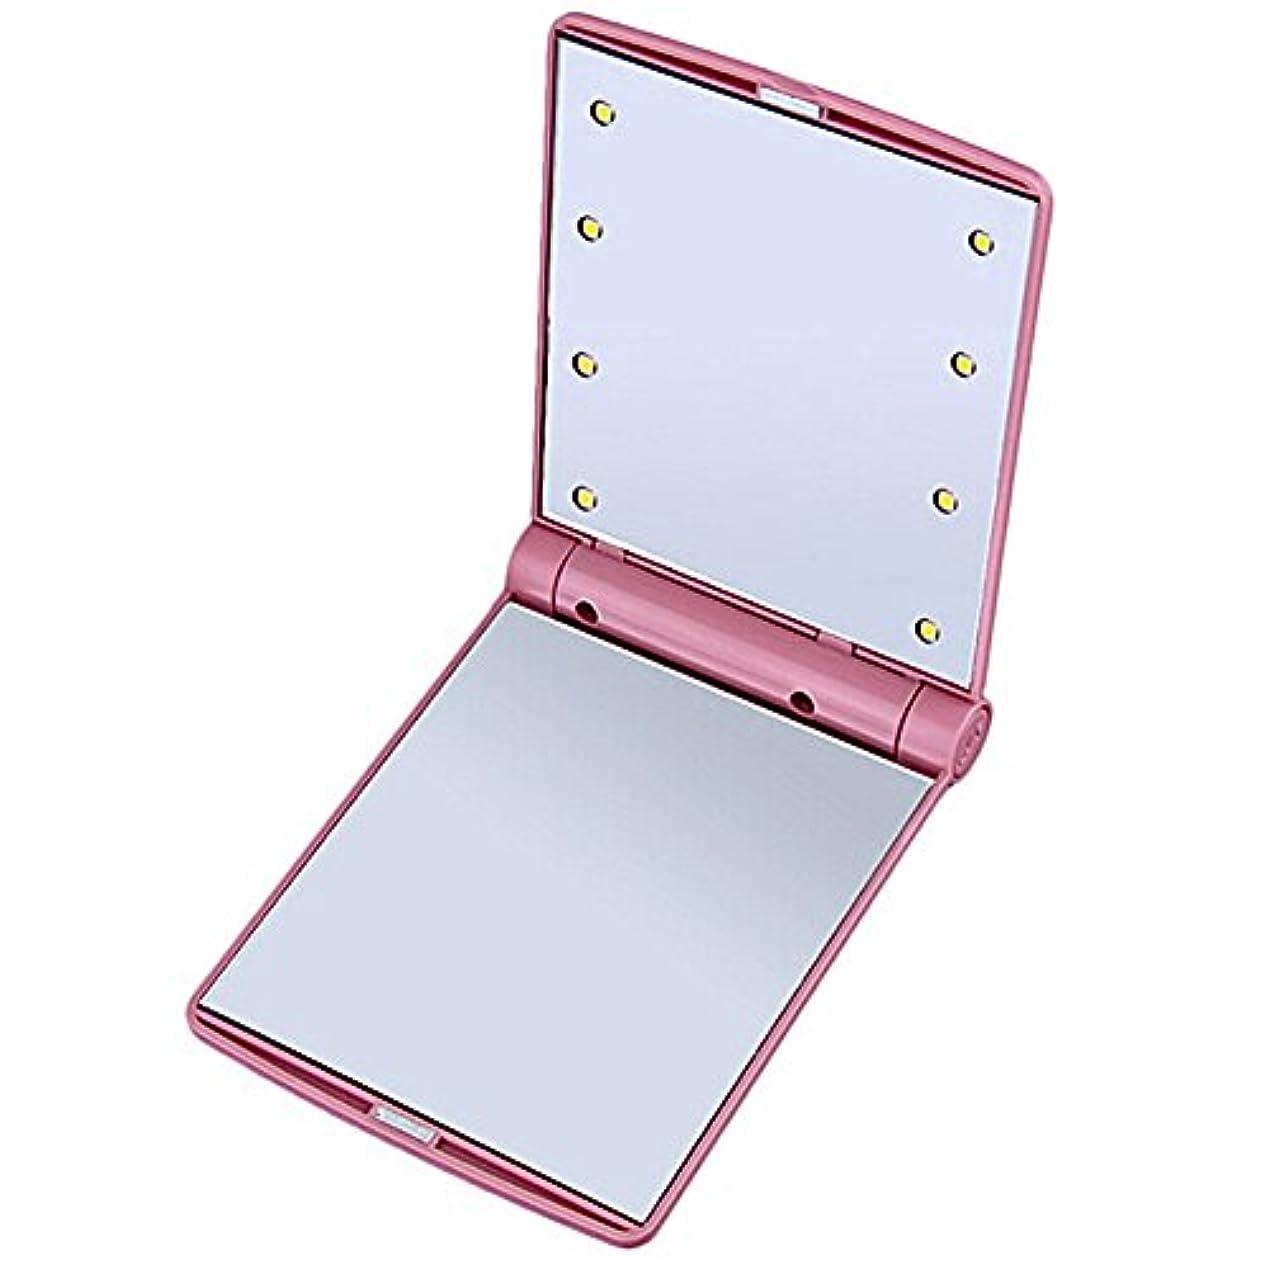 正午一見閉じるQIAONAI 鏡 化粧鏡  LEDライト付き  コンパクトミラー 化粧鏡  LEDミラー  女優ミラー  折りたたみ式 二面鏡  スタンドミラー   コンパクト  LEDライト8個 女性